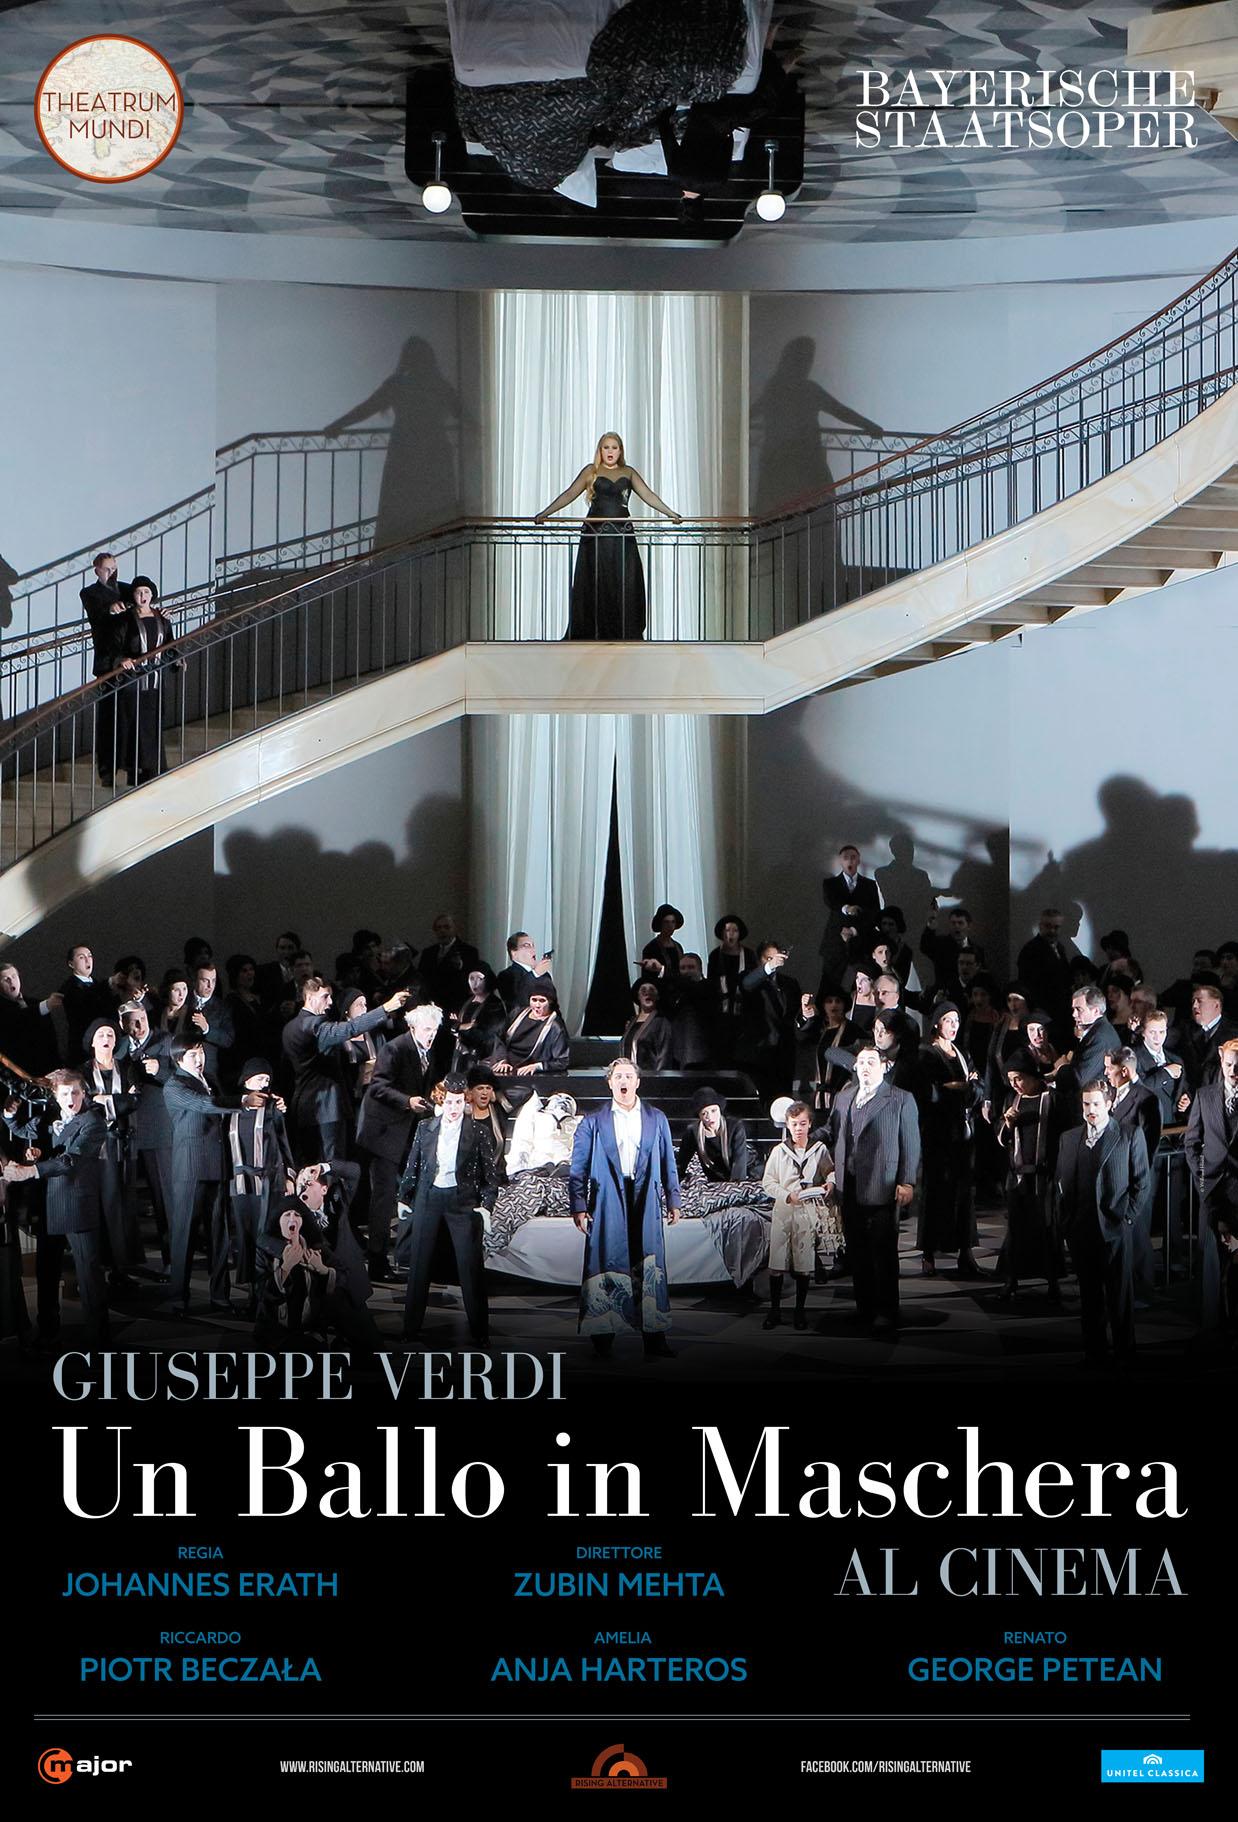 Theatrum Mundi: Un ballo in maschera di Giuseppe Verdi diretto dal maestro Zubin Metha al cinema